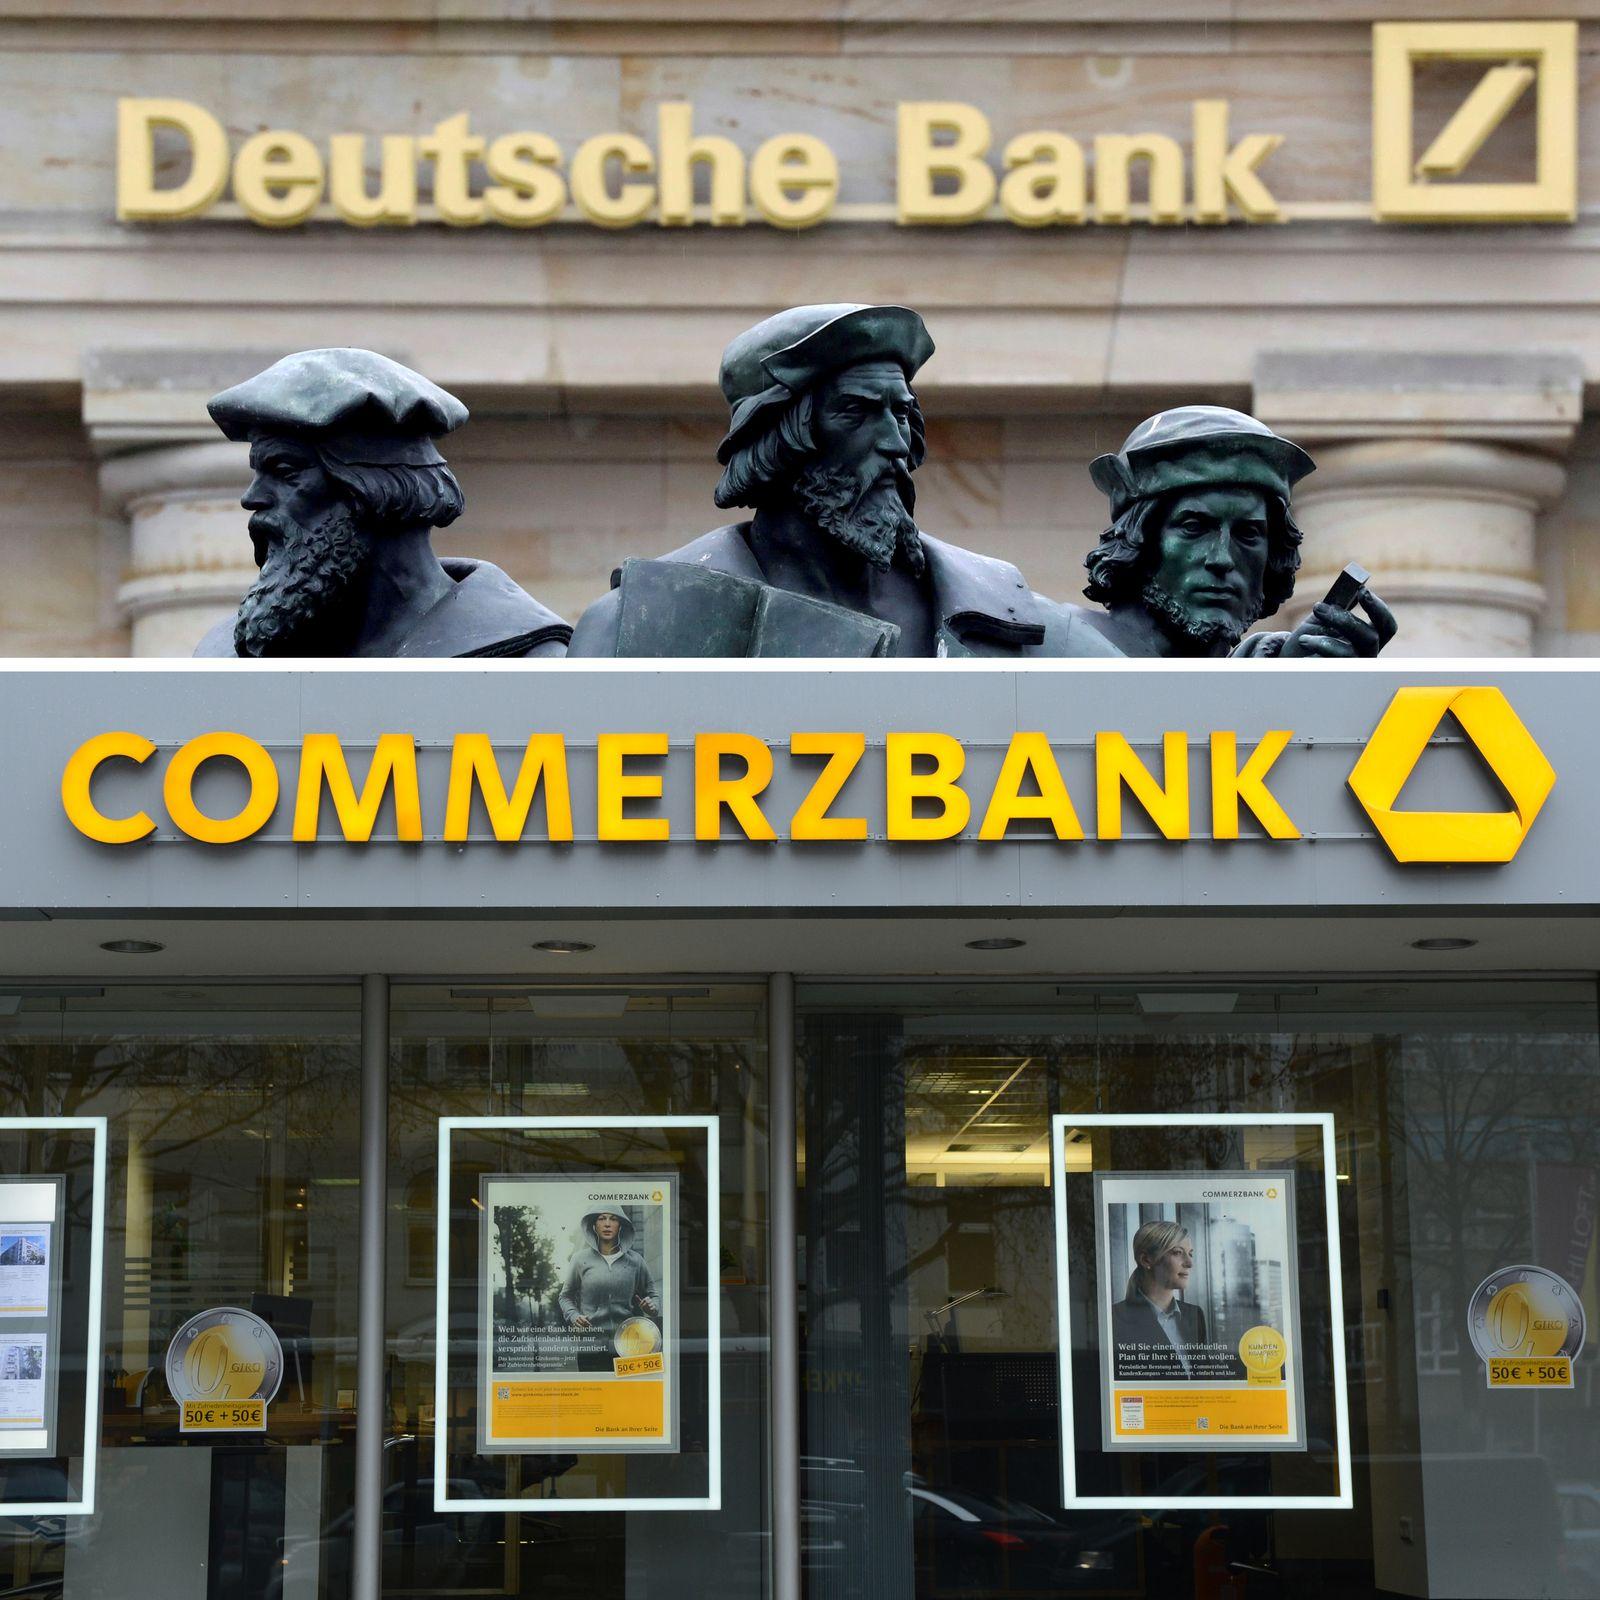 KOMBO Deutsche Bank / Commerzbank